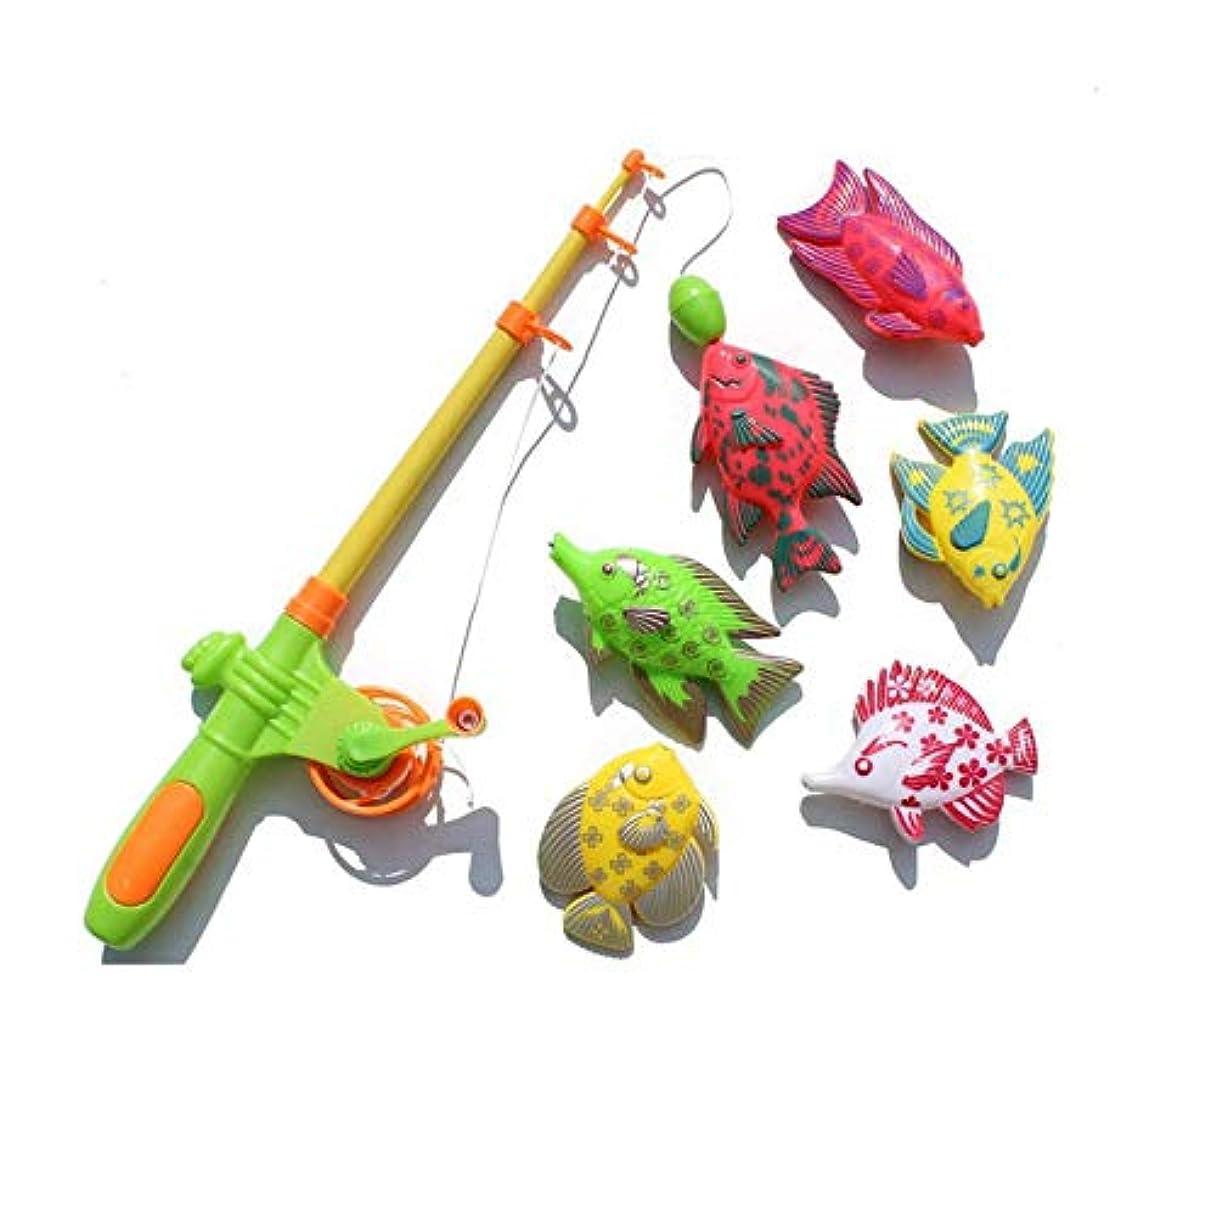 調和上記の頭と肩セレナクリエイティブ7ピース磁気釣り玩具セット釣り学習教育プレイセット釣りゲームおもちゃ用男の子&女の子 - 多色 - 1サイズ